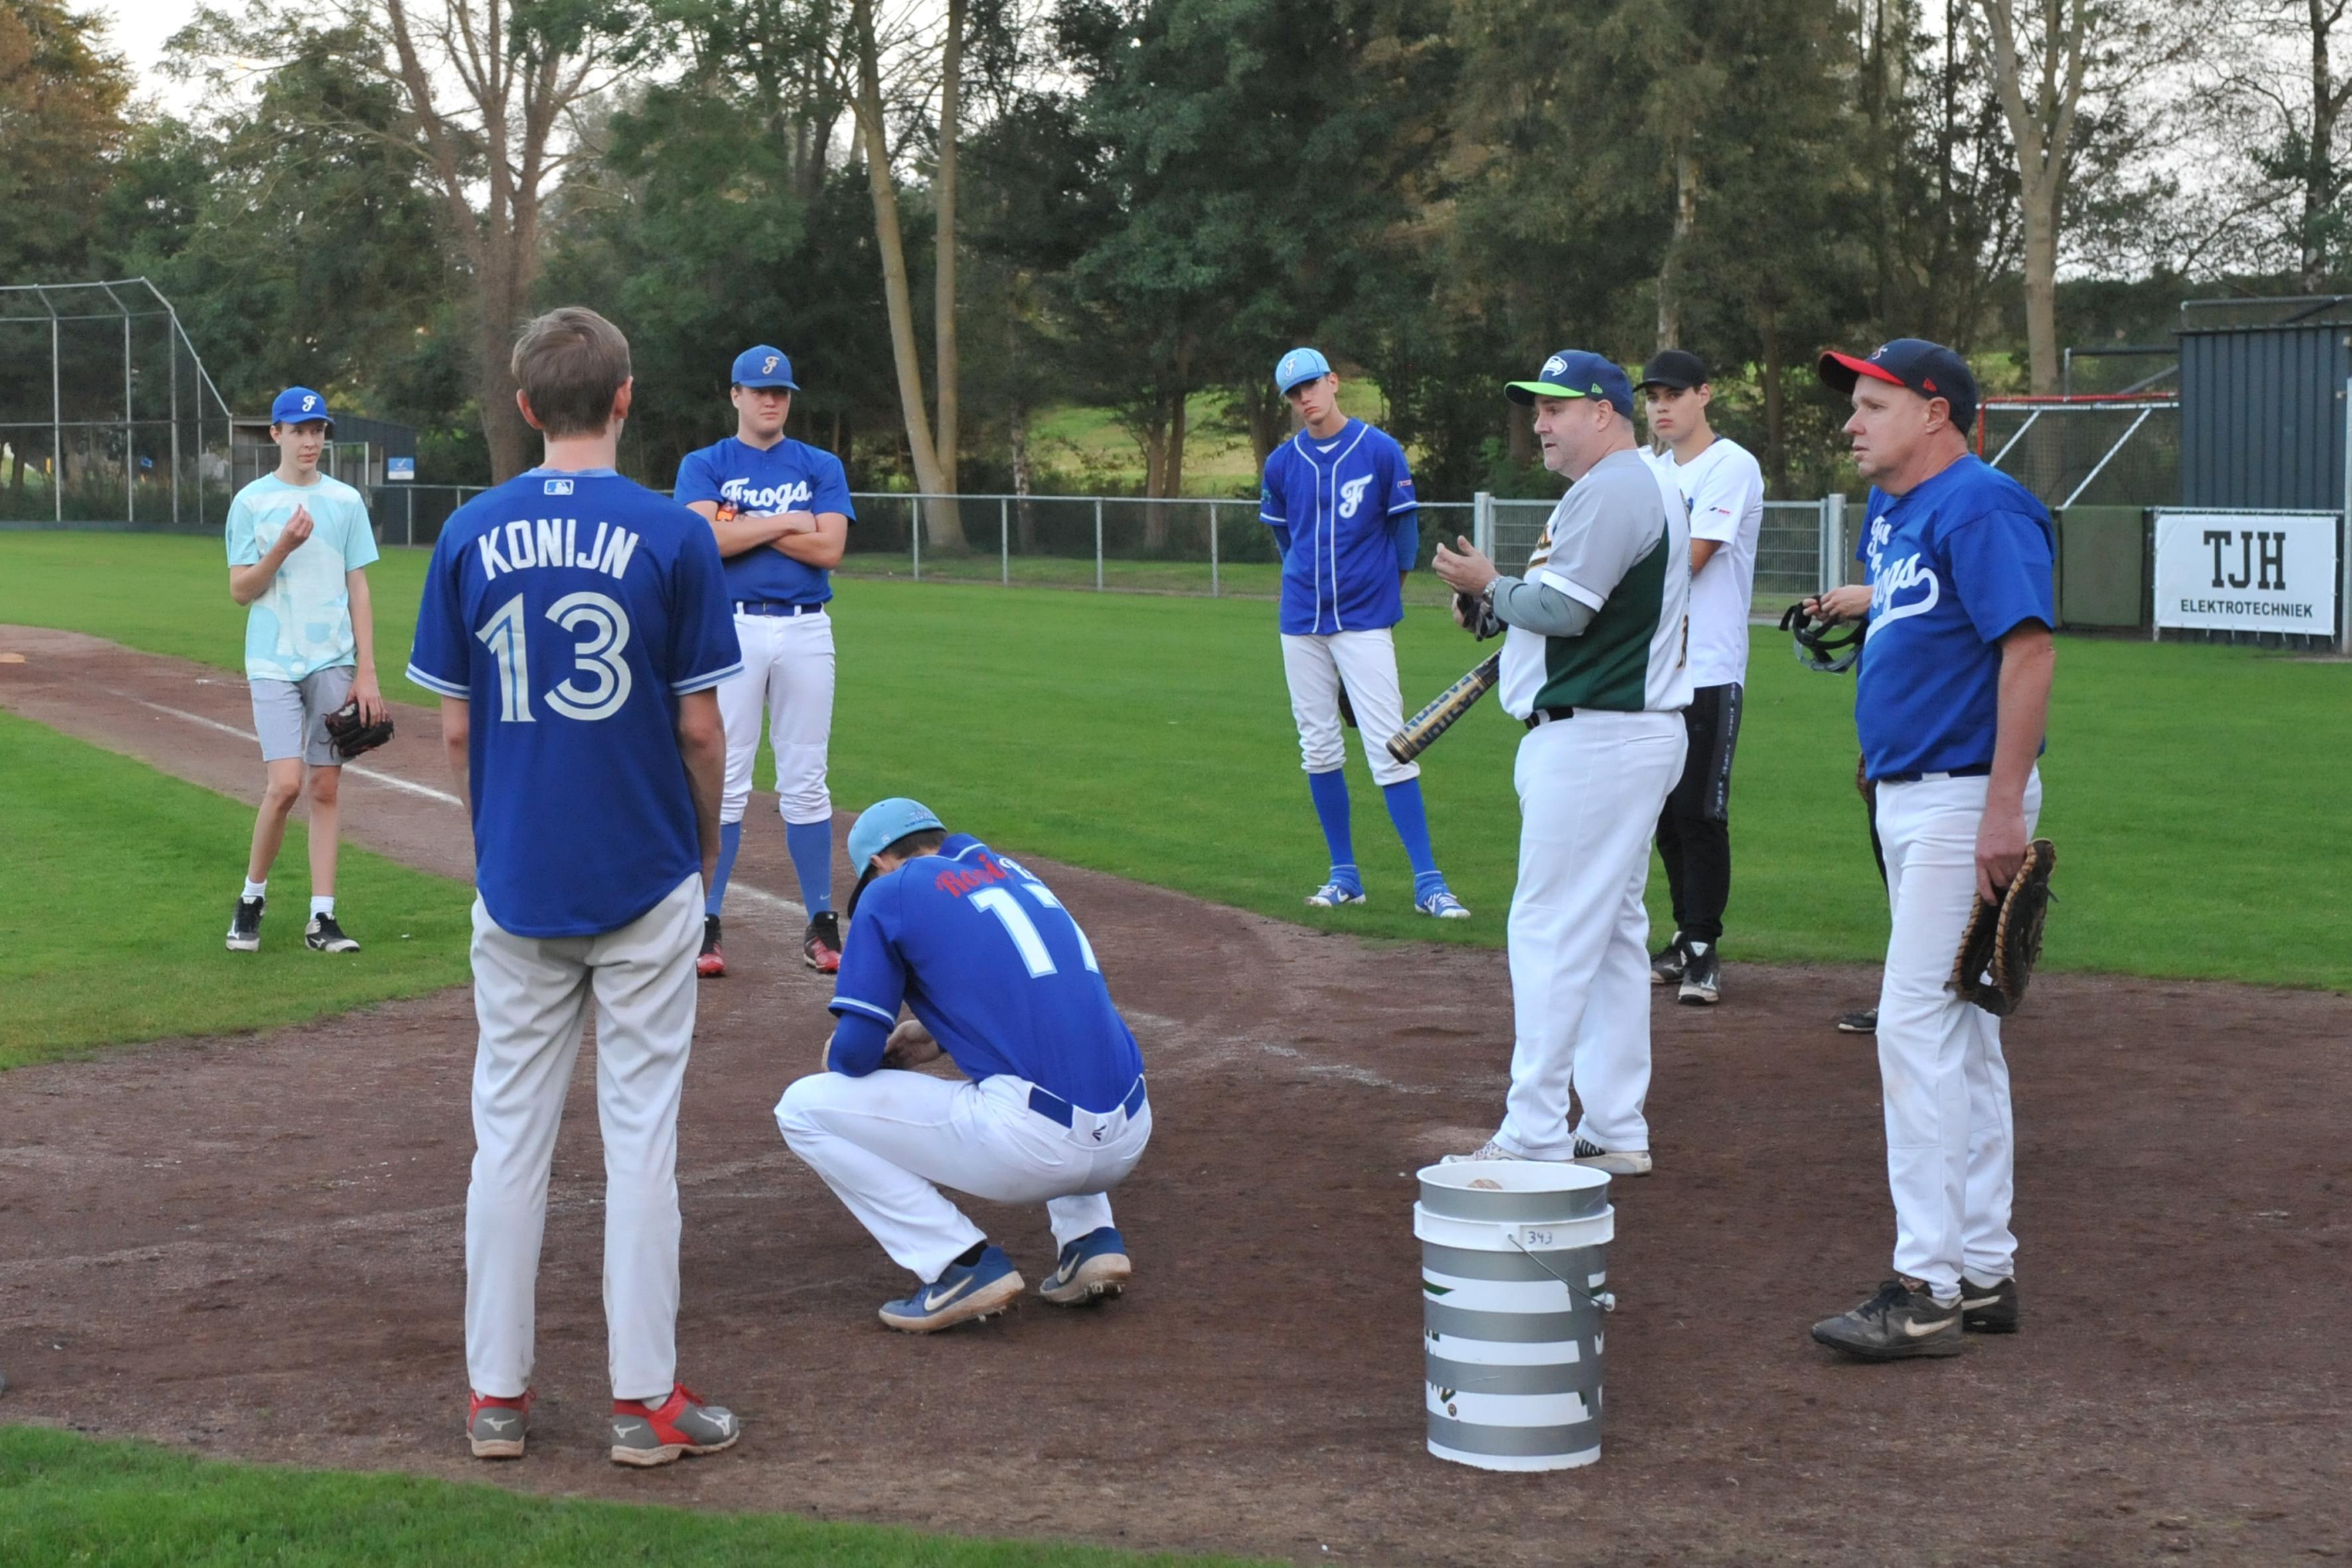 Zaandamse honkbalclub Odiz Frogs komt beter dan verwacht uit coronacrisis en wil met veel jeugd naar hoger niveau